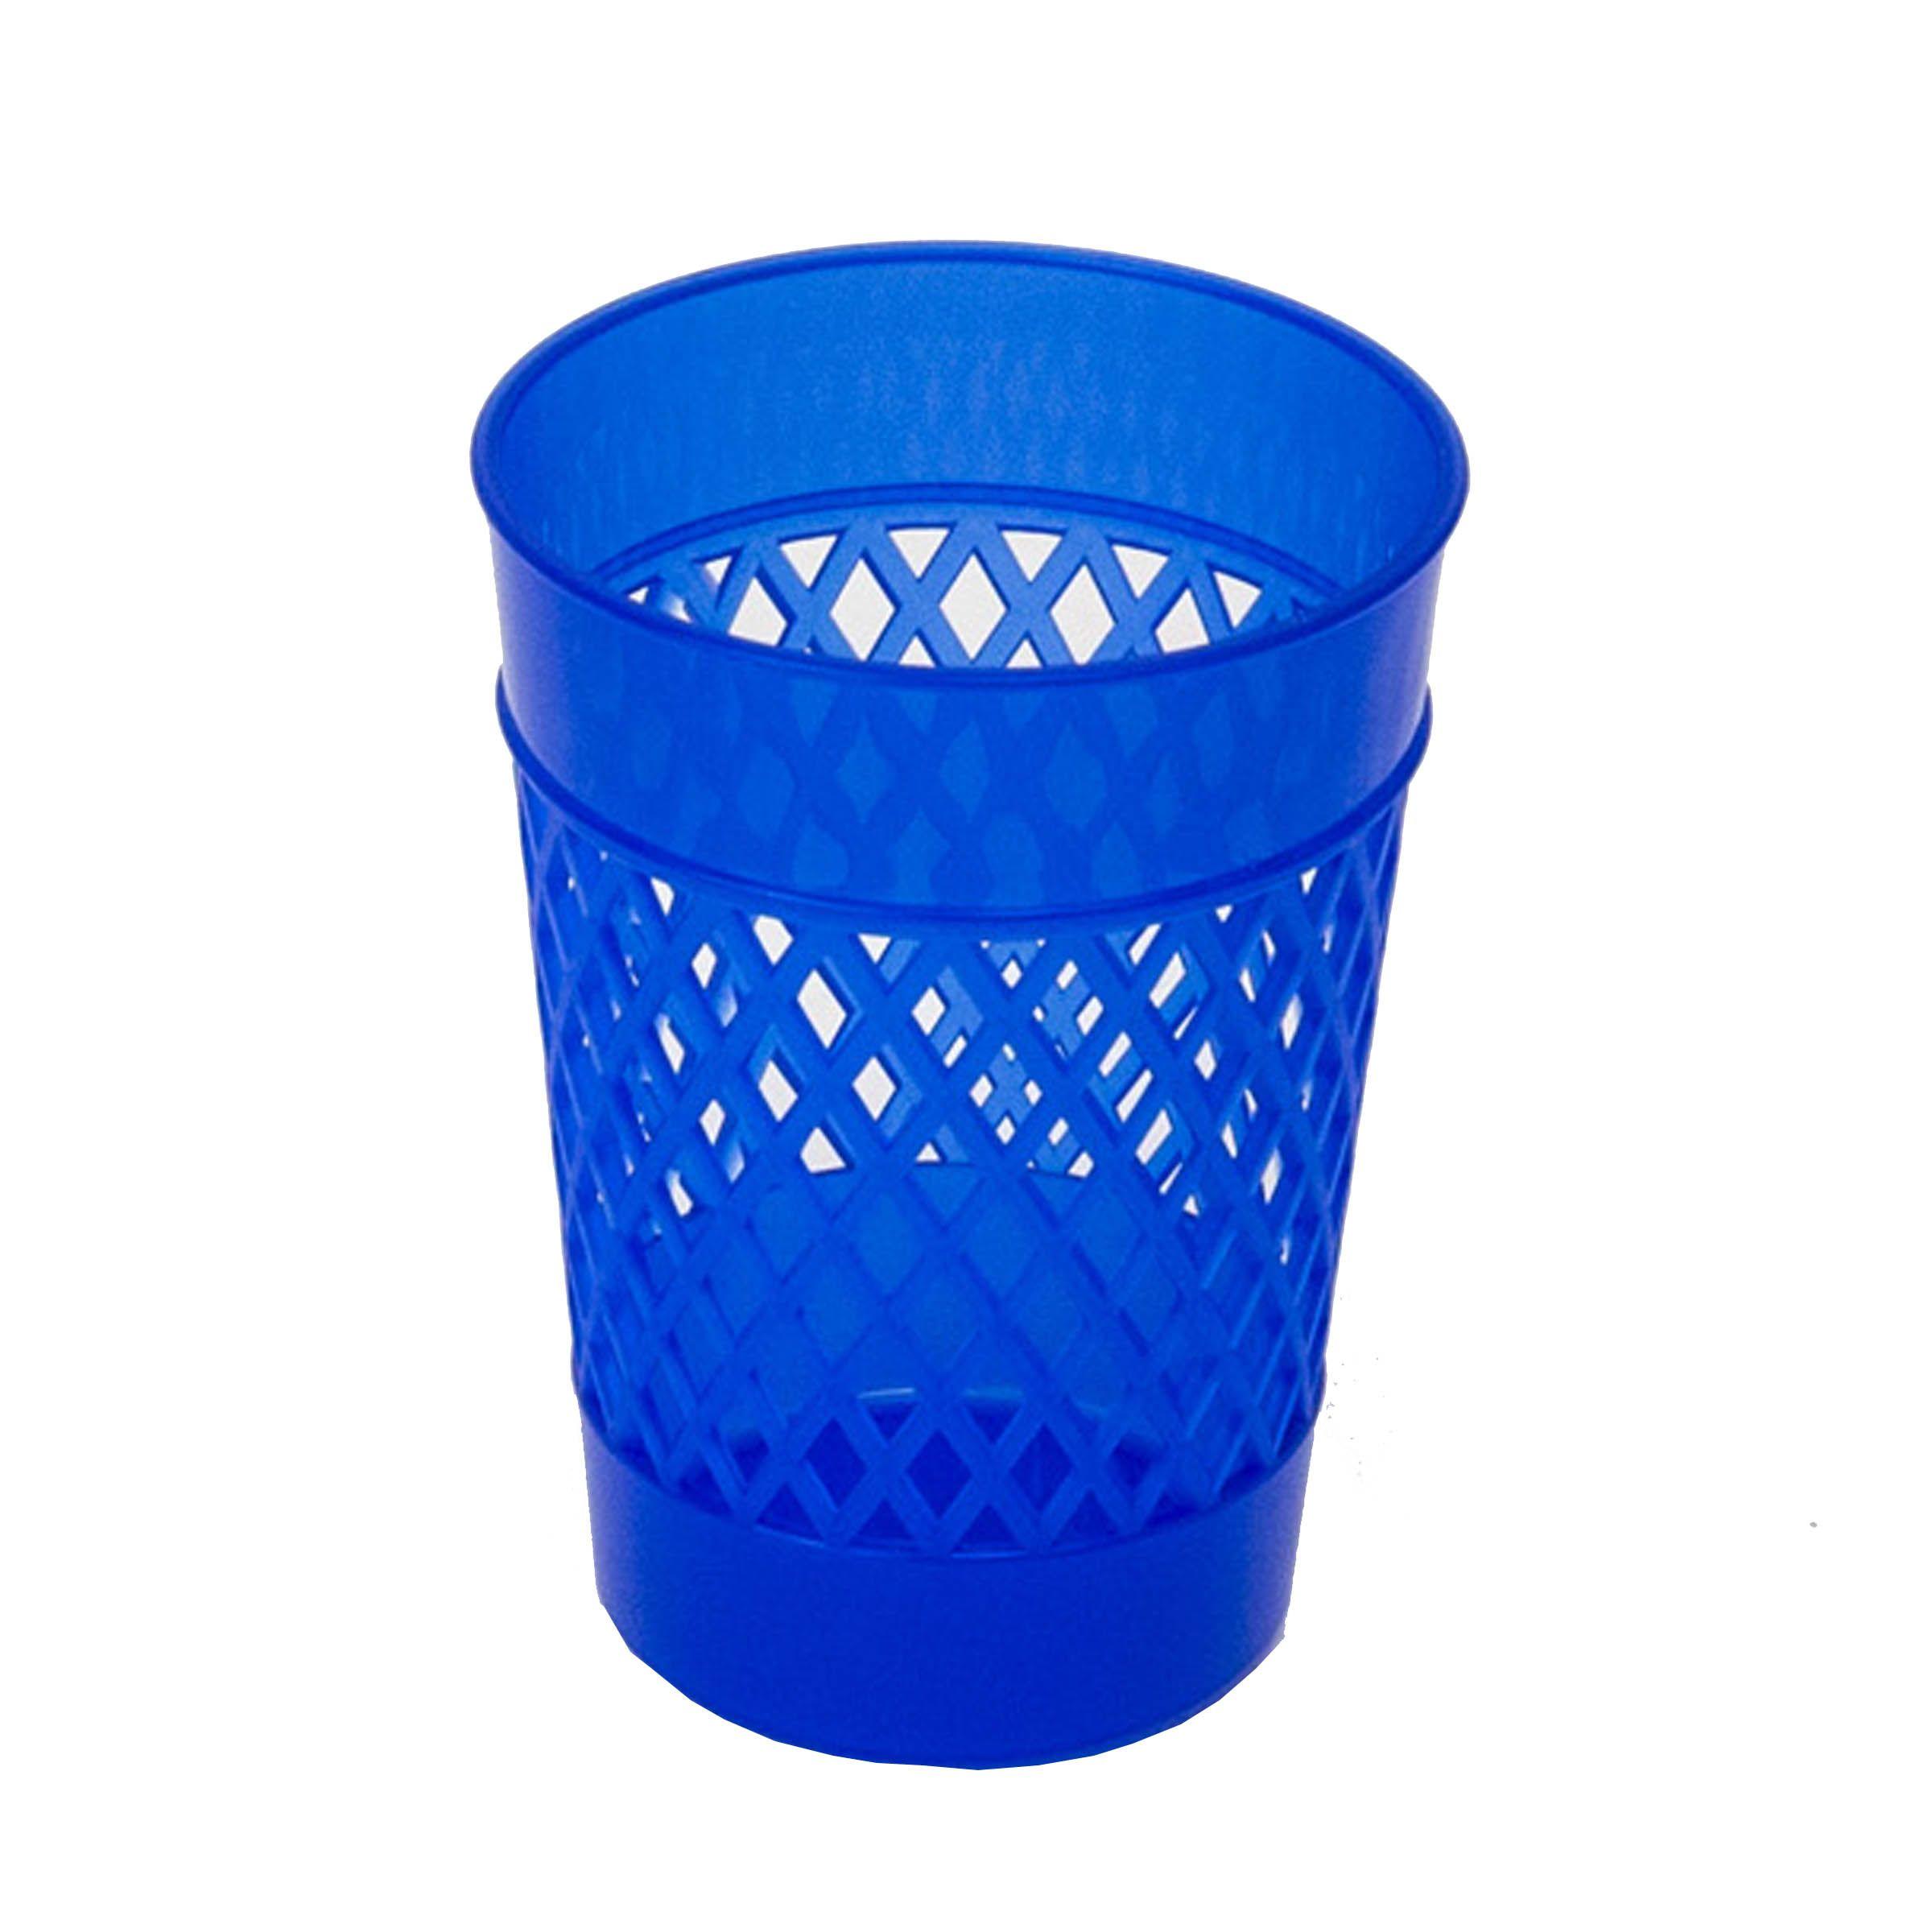 Стакан для канцелярских принадлежностей, UNIPLAST ОФИС-КЛАСС, синий, пластик